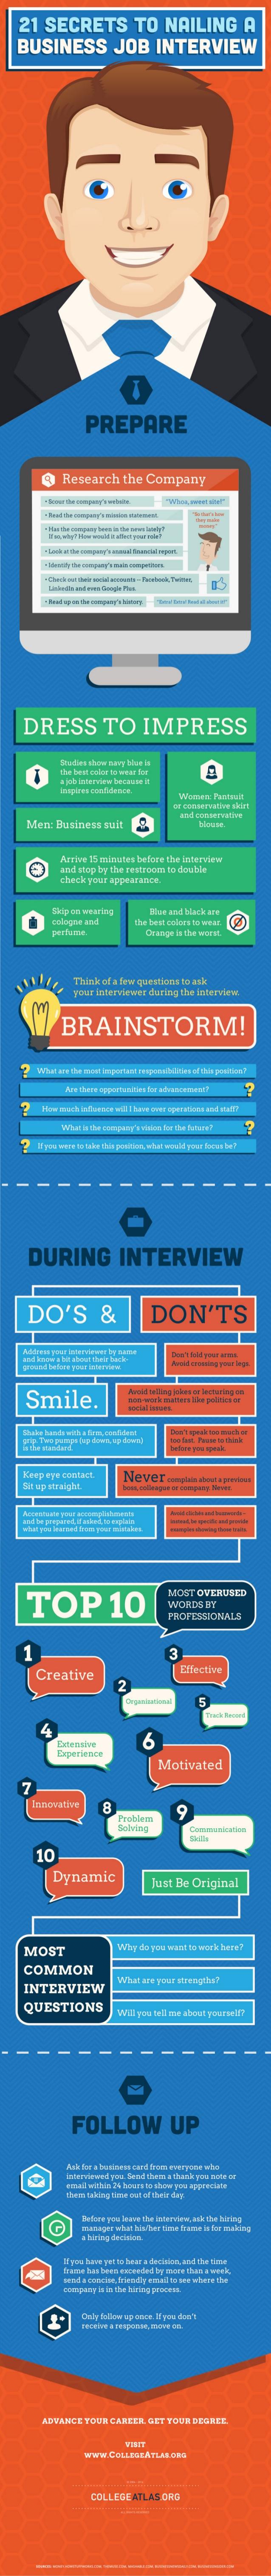 21 secretos para una entrevista de trabajo de éxito